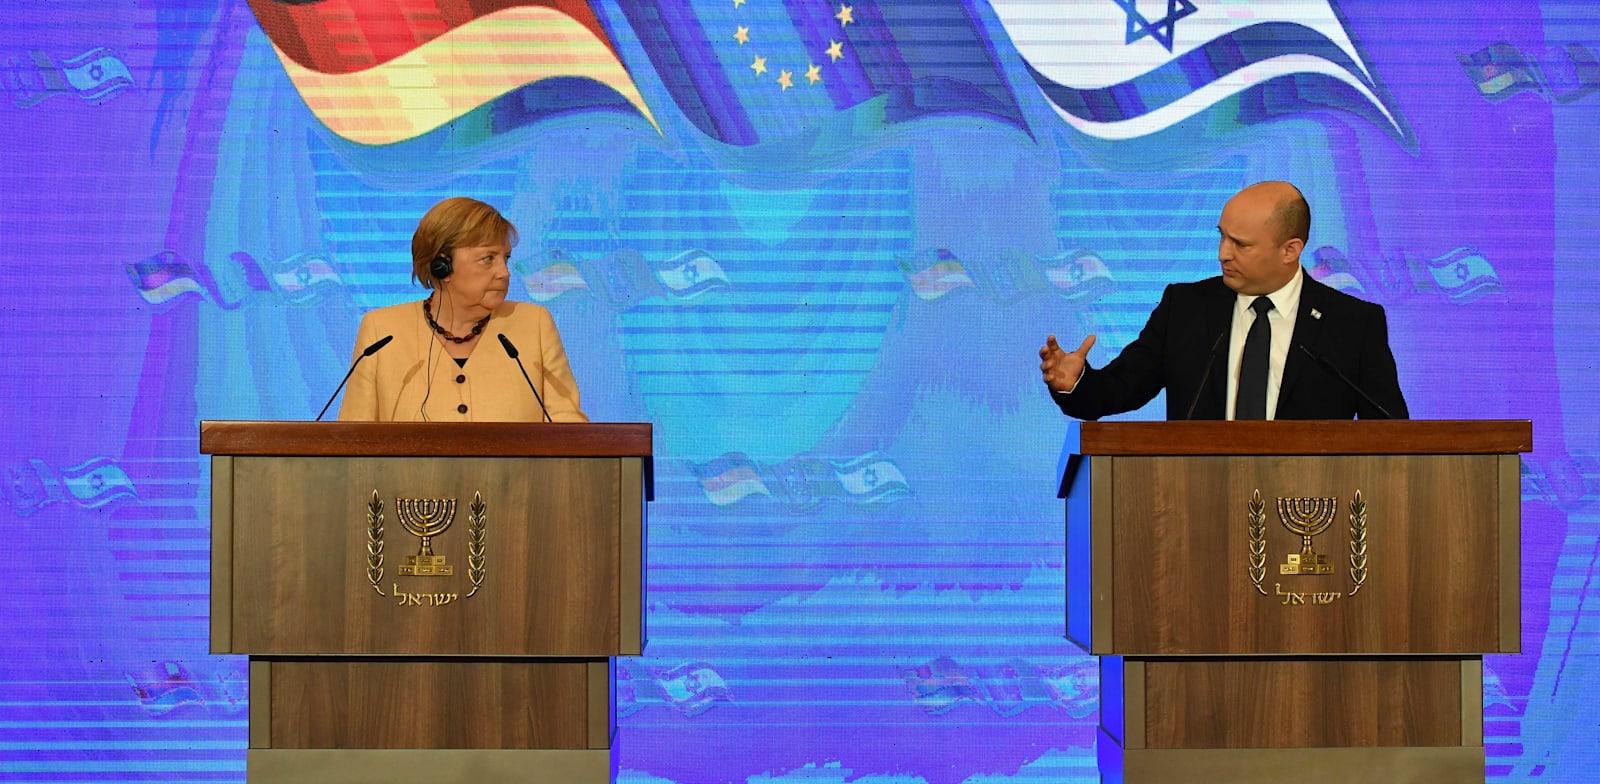 """ראש הממשלה נפתלי בנט וקנצלרית גרמניה היוצאת אנגלה מרקל / צילום: יואב דודקביץ', """"ידיעות אחרונות"""""""